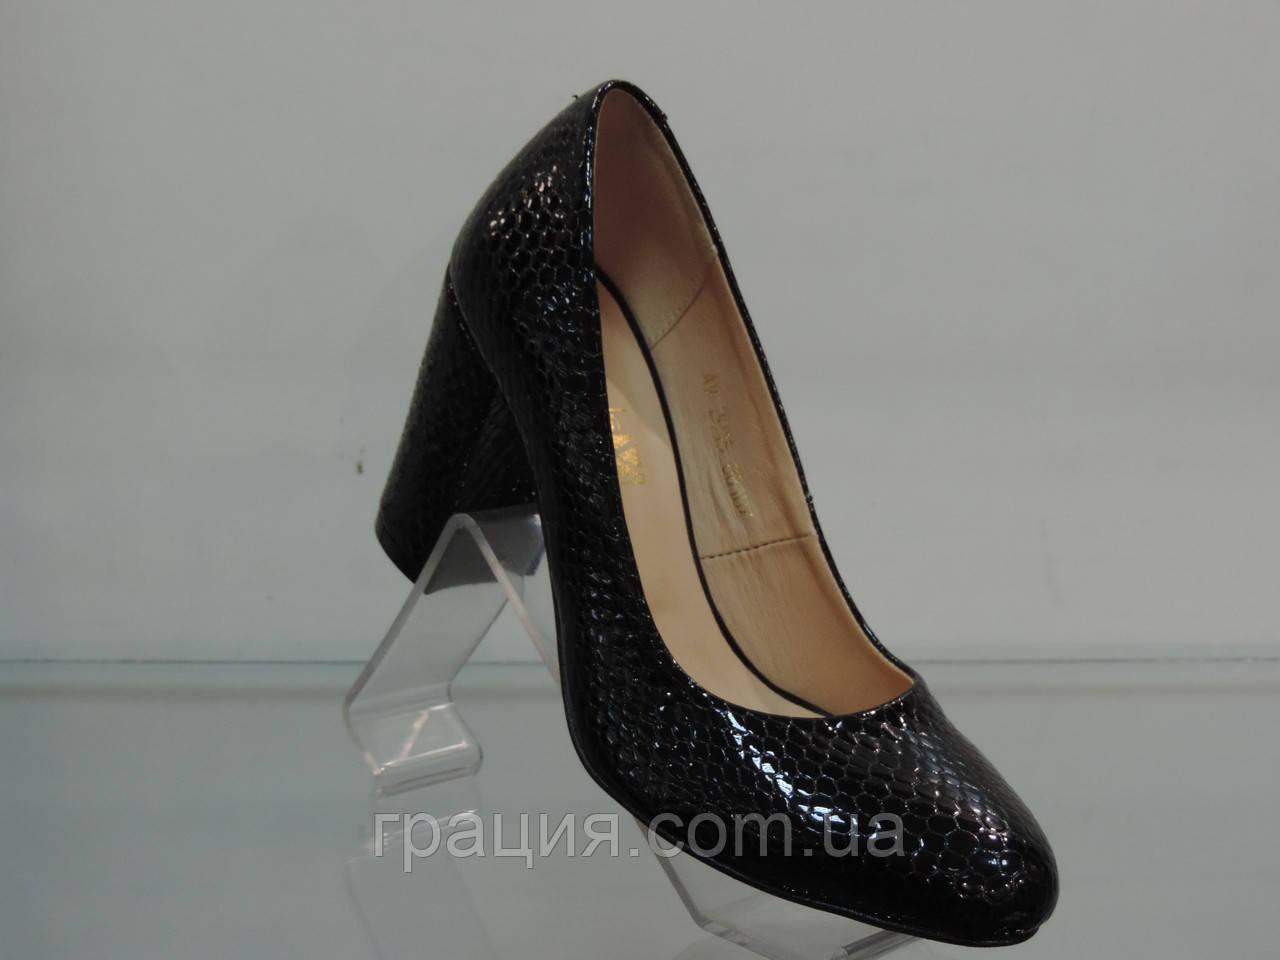 Туфлі жіночі лакові натуральні на підборах чорні